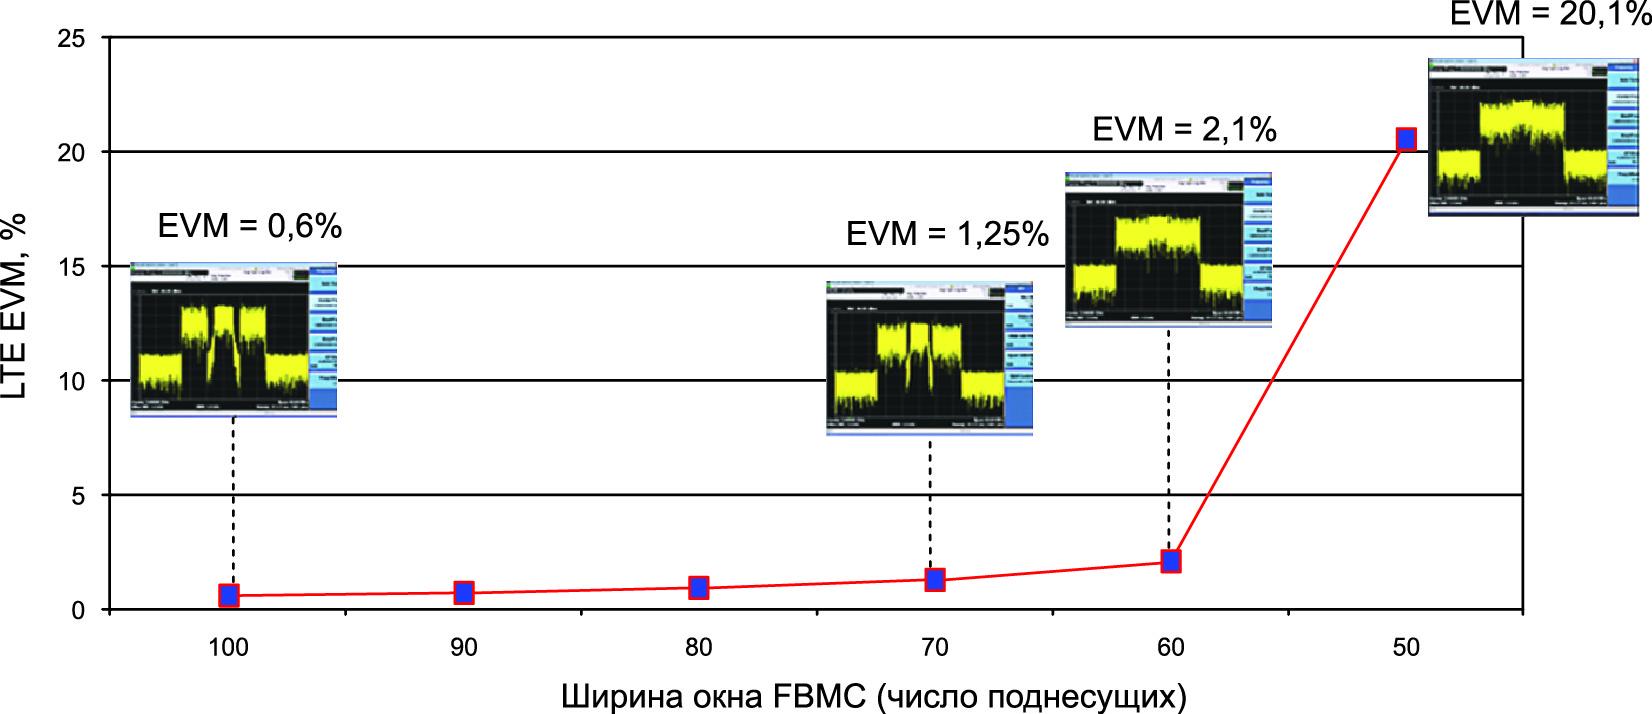 Слева направо: по мере уменьшения ширины окна в спектре FBMC интерференция увеличивается, а значение EVM ухудшается